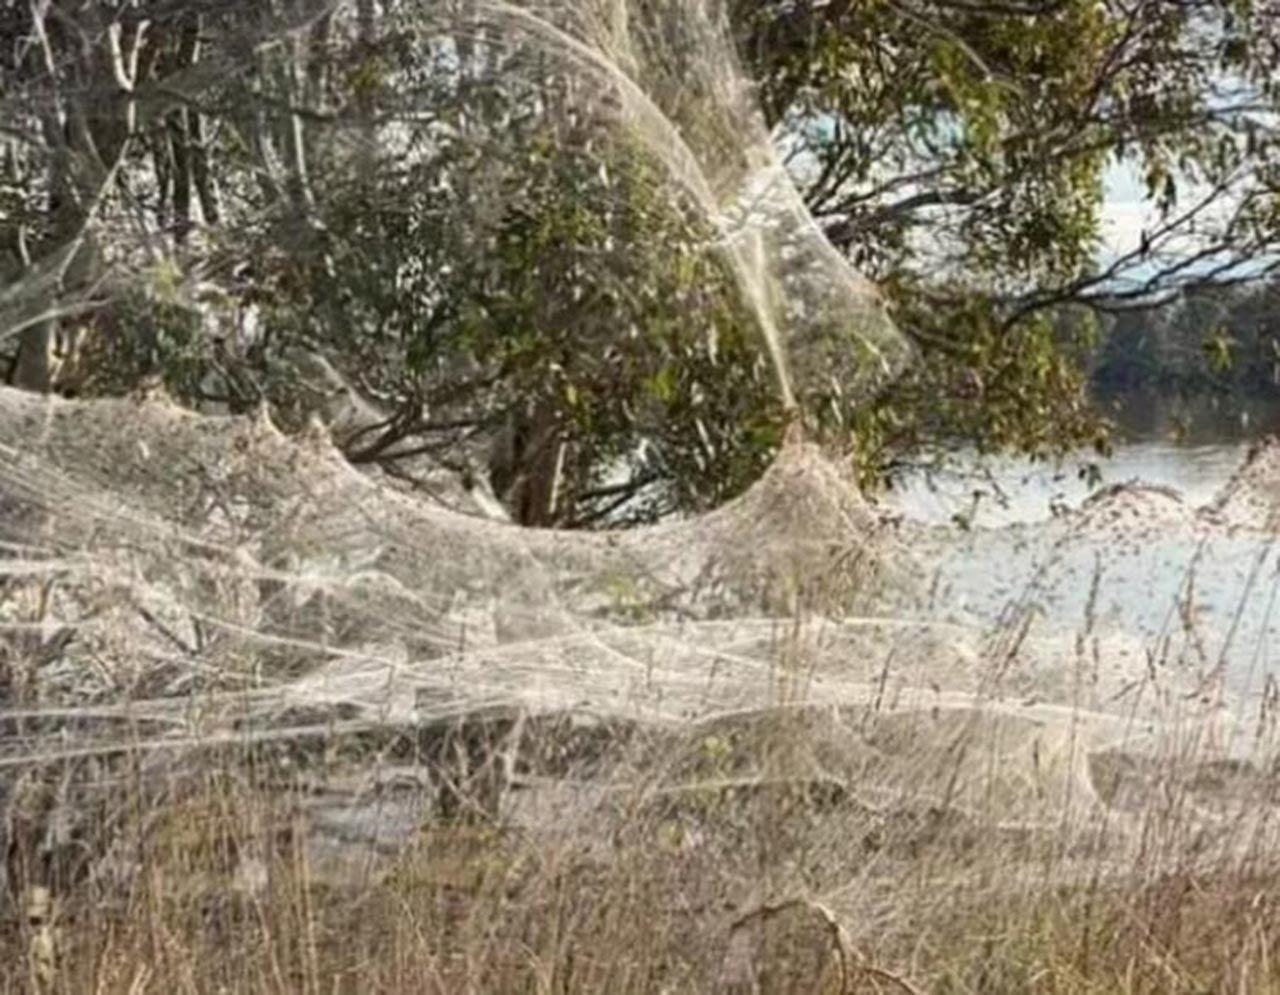 Felaketlerin ardı arkası kesilmiyor: Farelerden sonra örümcekler istila etti - Resim: 2